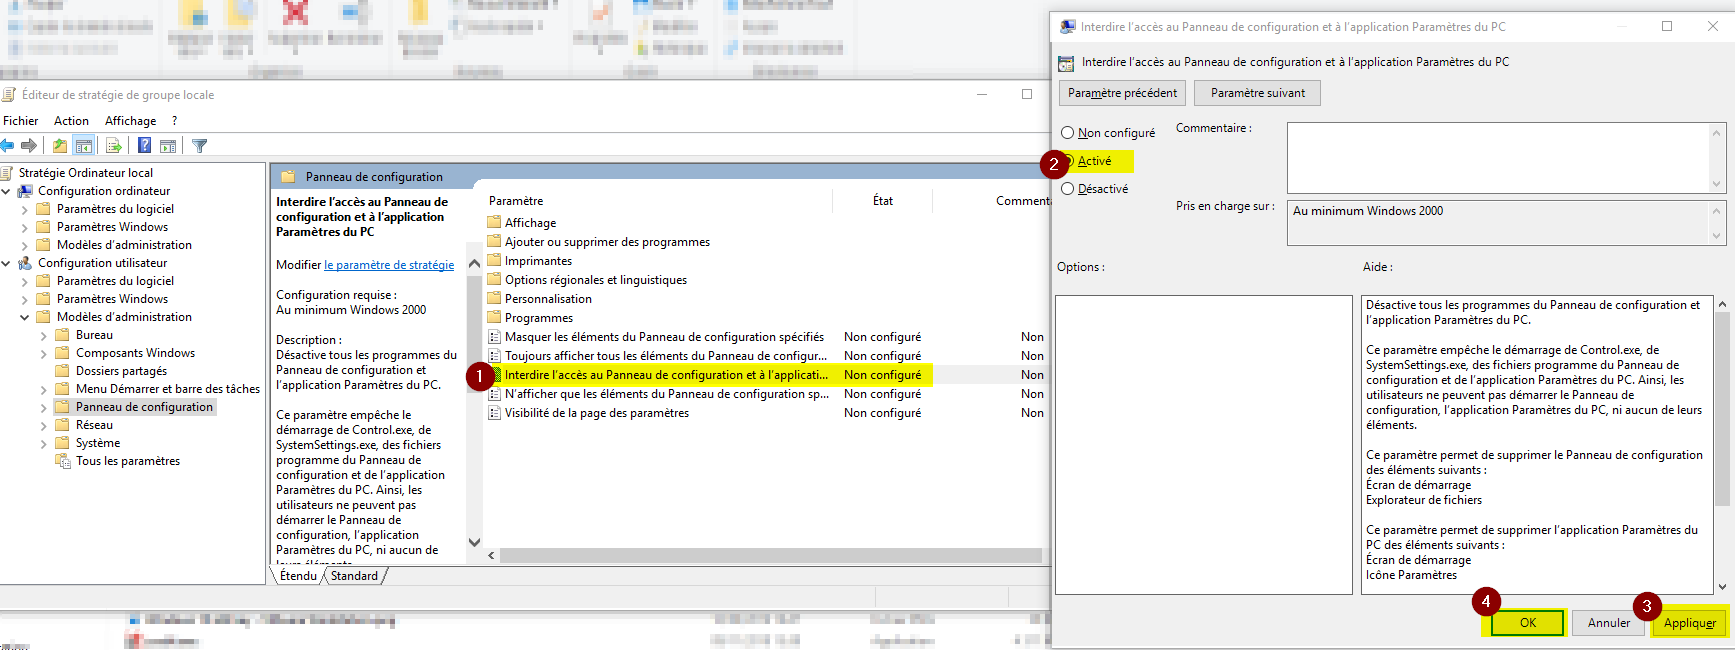 Interdire l'accès au Panneau de configuration et à l'application Paramètres